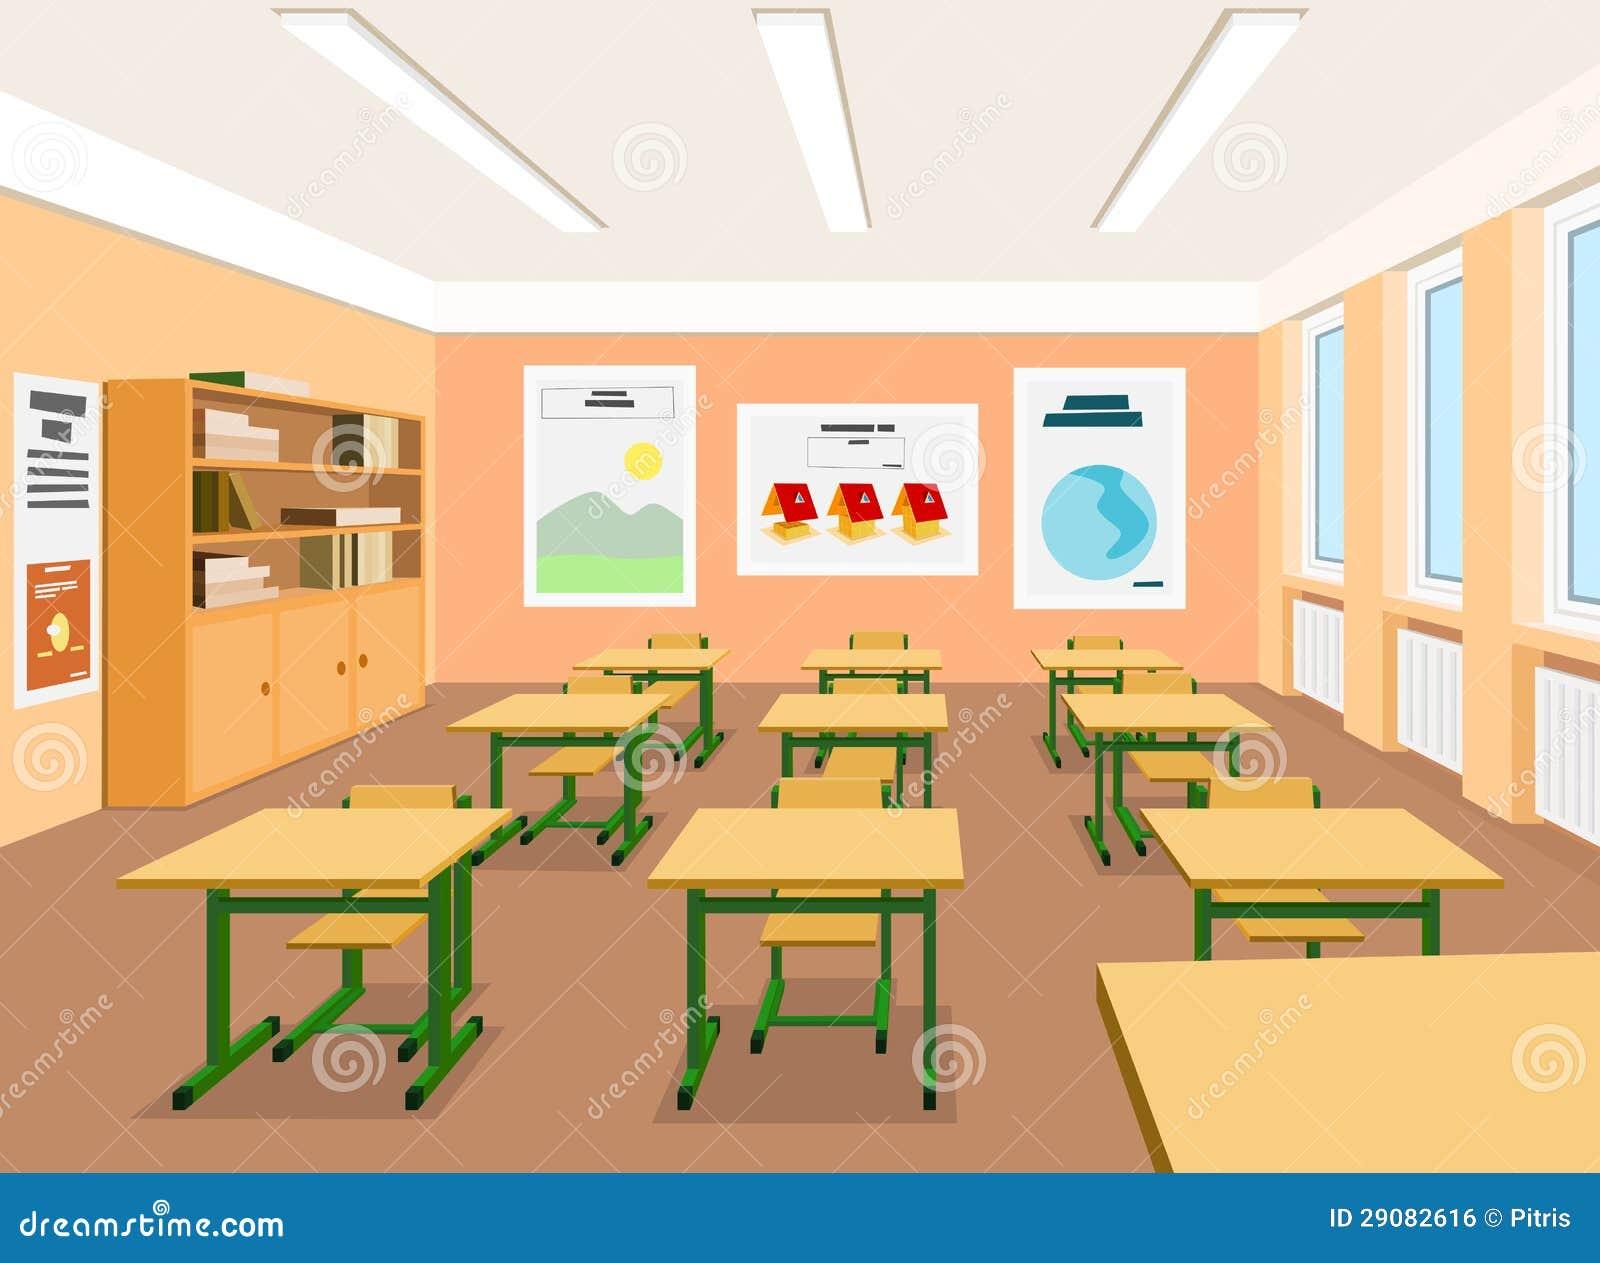 Modern Classroom Vector : Illustratie van een leeg klaslokaal vector